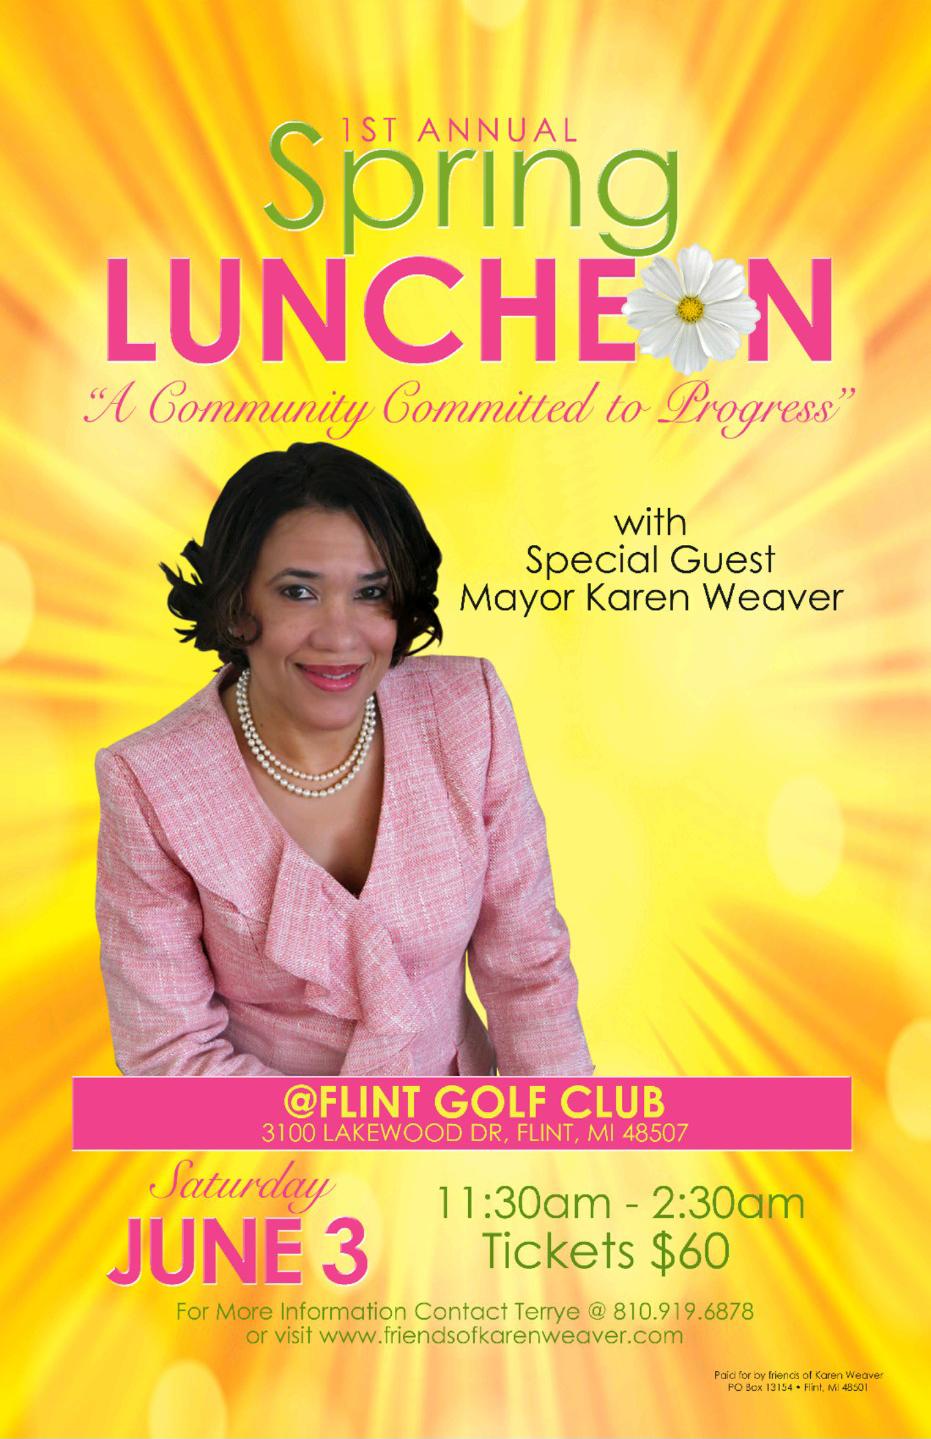 1st Annual Spring Luncheon @ Flint Golf Club | Flint | Michigan | United States